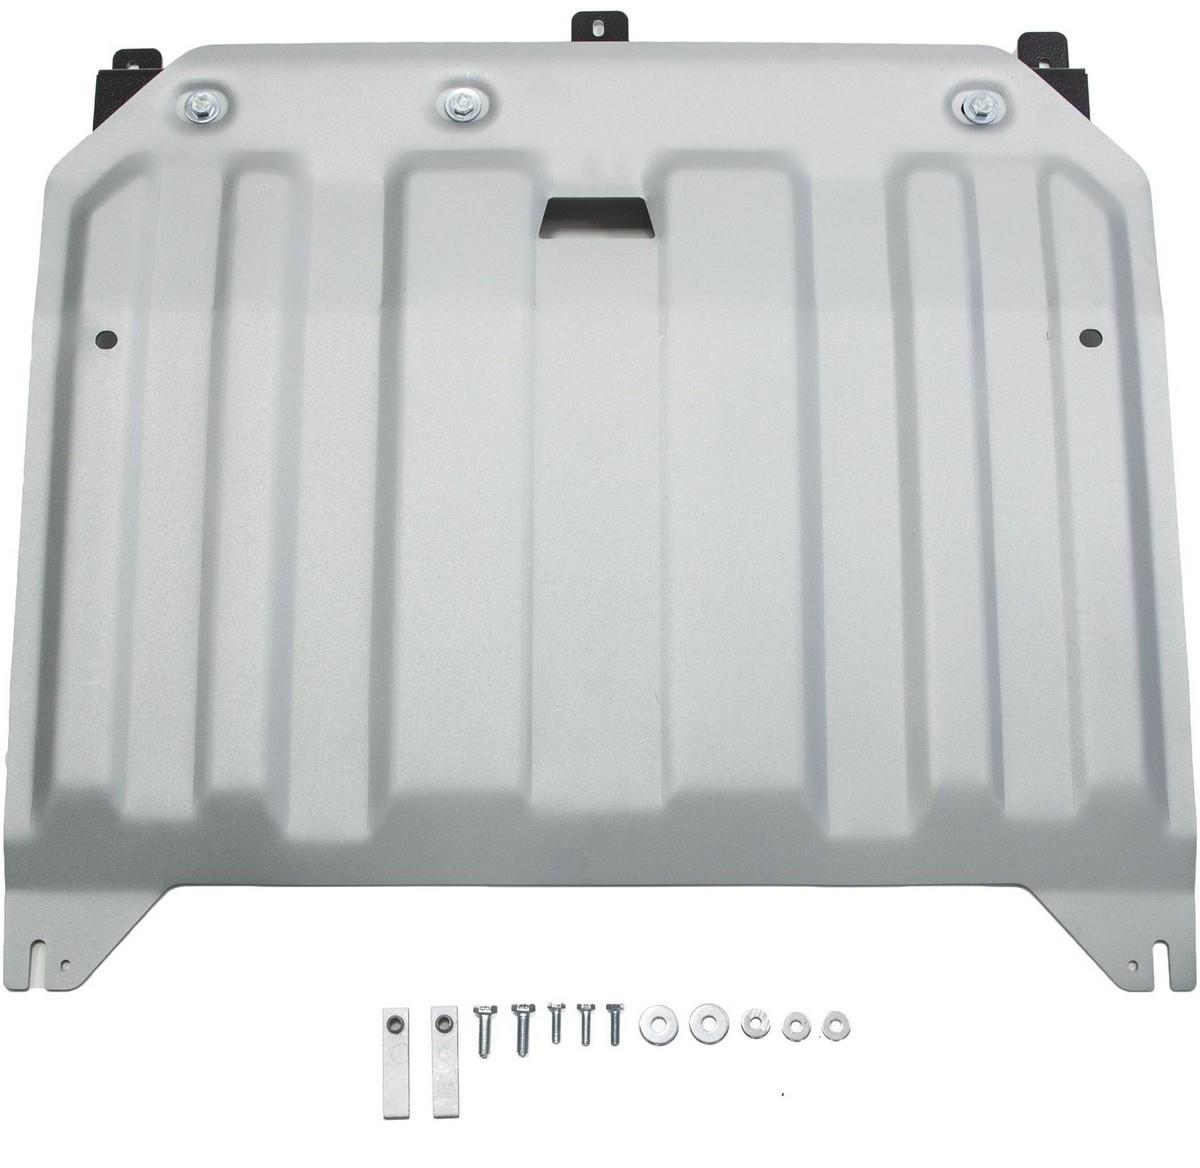 Защита картера и КПП Rival для Hyundai i30 2015-2017 / Kia Ceed 2015- / Kia Cerato 2015-2016 2016-н.в, алюминий 4 мм333.2836.1Защита картера и КПП Rival для Hyundai i30 V - 1.4 (100 л.с.); 1.6 (130 л.с.) 2015-2017/Kia Ceed V - 1.4 (100 л.с.); 1.6 (130 л.с.); 1.6 (135 л.с.) 2015-н.в./Kia Ceed универсал V - 1.4 (100 л.с.); 1.6 (130 л.с.); 1.6 (135 л.с.) 2015-н.в./Kia Cerato V - 1.6 (130 л.с.) АКПП 2016-н.в./Kia Pro Ceed V - 1.6 (130 л.с.); 1.6 (135 л.с.) 2015-н.в./Kia Cerato V - 1.6 (130 л.с.); 2.0 (150 л.с.) 2015-2016, алюминий 4 мм, крепеж в комплекте, 333.2836.1Алюминиевые защиты Rival надежно защищают днище вашего автомобиля от повреждений, например при наезде на бордюры, а также выполняют эстетическую функцию при установке на высокие автомобили.- Толщина алюминиевых защит в 2 раза толще стальных, а вес при этом меньше до 30%.- Отлично отводит тепло от двигателя своей поверхностью, что спасает двигатель от перегрева в летний период или при высоких нагрузках.- В отличие от стальных, алюминиевые защиты не поддаются коррозии, что гарантирует срок службы защит более 5 лет.- Покрываются порошковой краской, что надолго сохраняет первоначальный вид новой защиты и защищает от гальванической коррозии.- Глубокий штамп дополнительно усиливает конструкцию защиты.- Подштамповка в местах крепления защищает крепеж от срезания.- Технологические отверстия там, где они необходимы для смены масла и слива воды, оборудованные заглушками, надежно закрепленными на защите.- Помимо основной функции защиты от удара, конструкция так же существенно снижает попадание в моторный отсек влаги и грязи.В комплекте инструкция по установке.Уважаемые клиенты!Обращаем ваше внимание, на тот факт, что защита имеет форму, соответствующую модели данного автомобиля. Наличие глубокого штампа и лючков для смены фильтров/масла предусмотрено не на всех защитах. Фото служит для визуального восприятия товара.